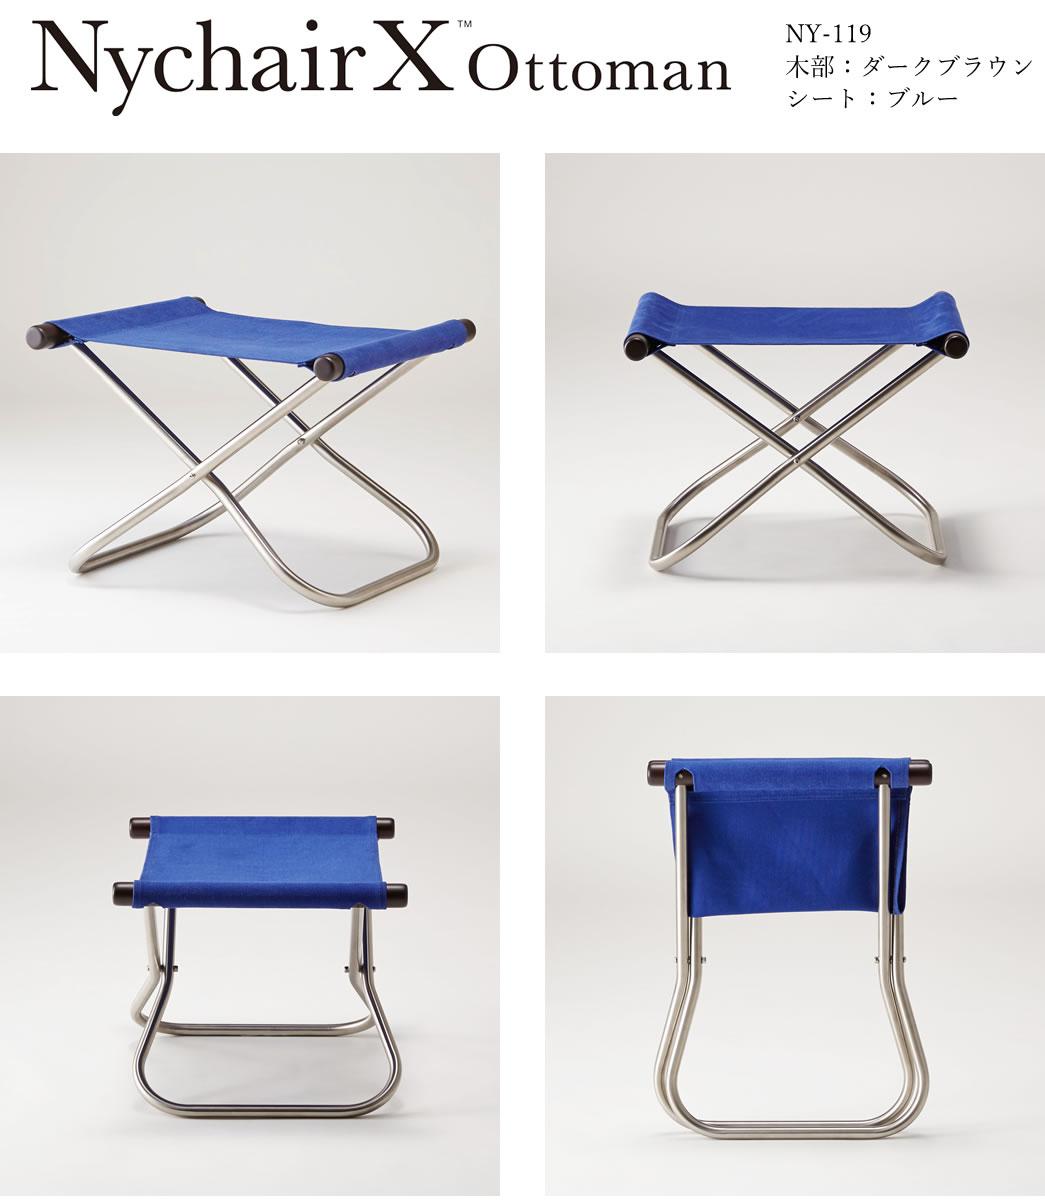 NychairX オットマン ダークブラウン/ブルー